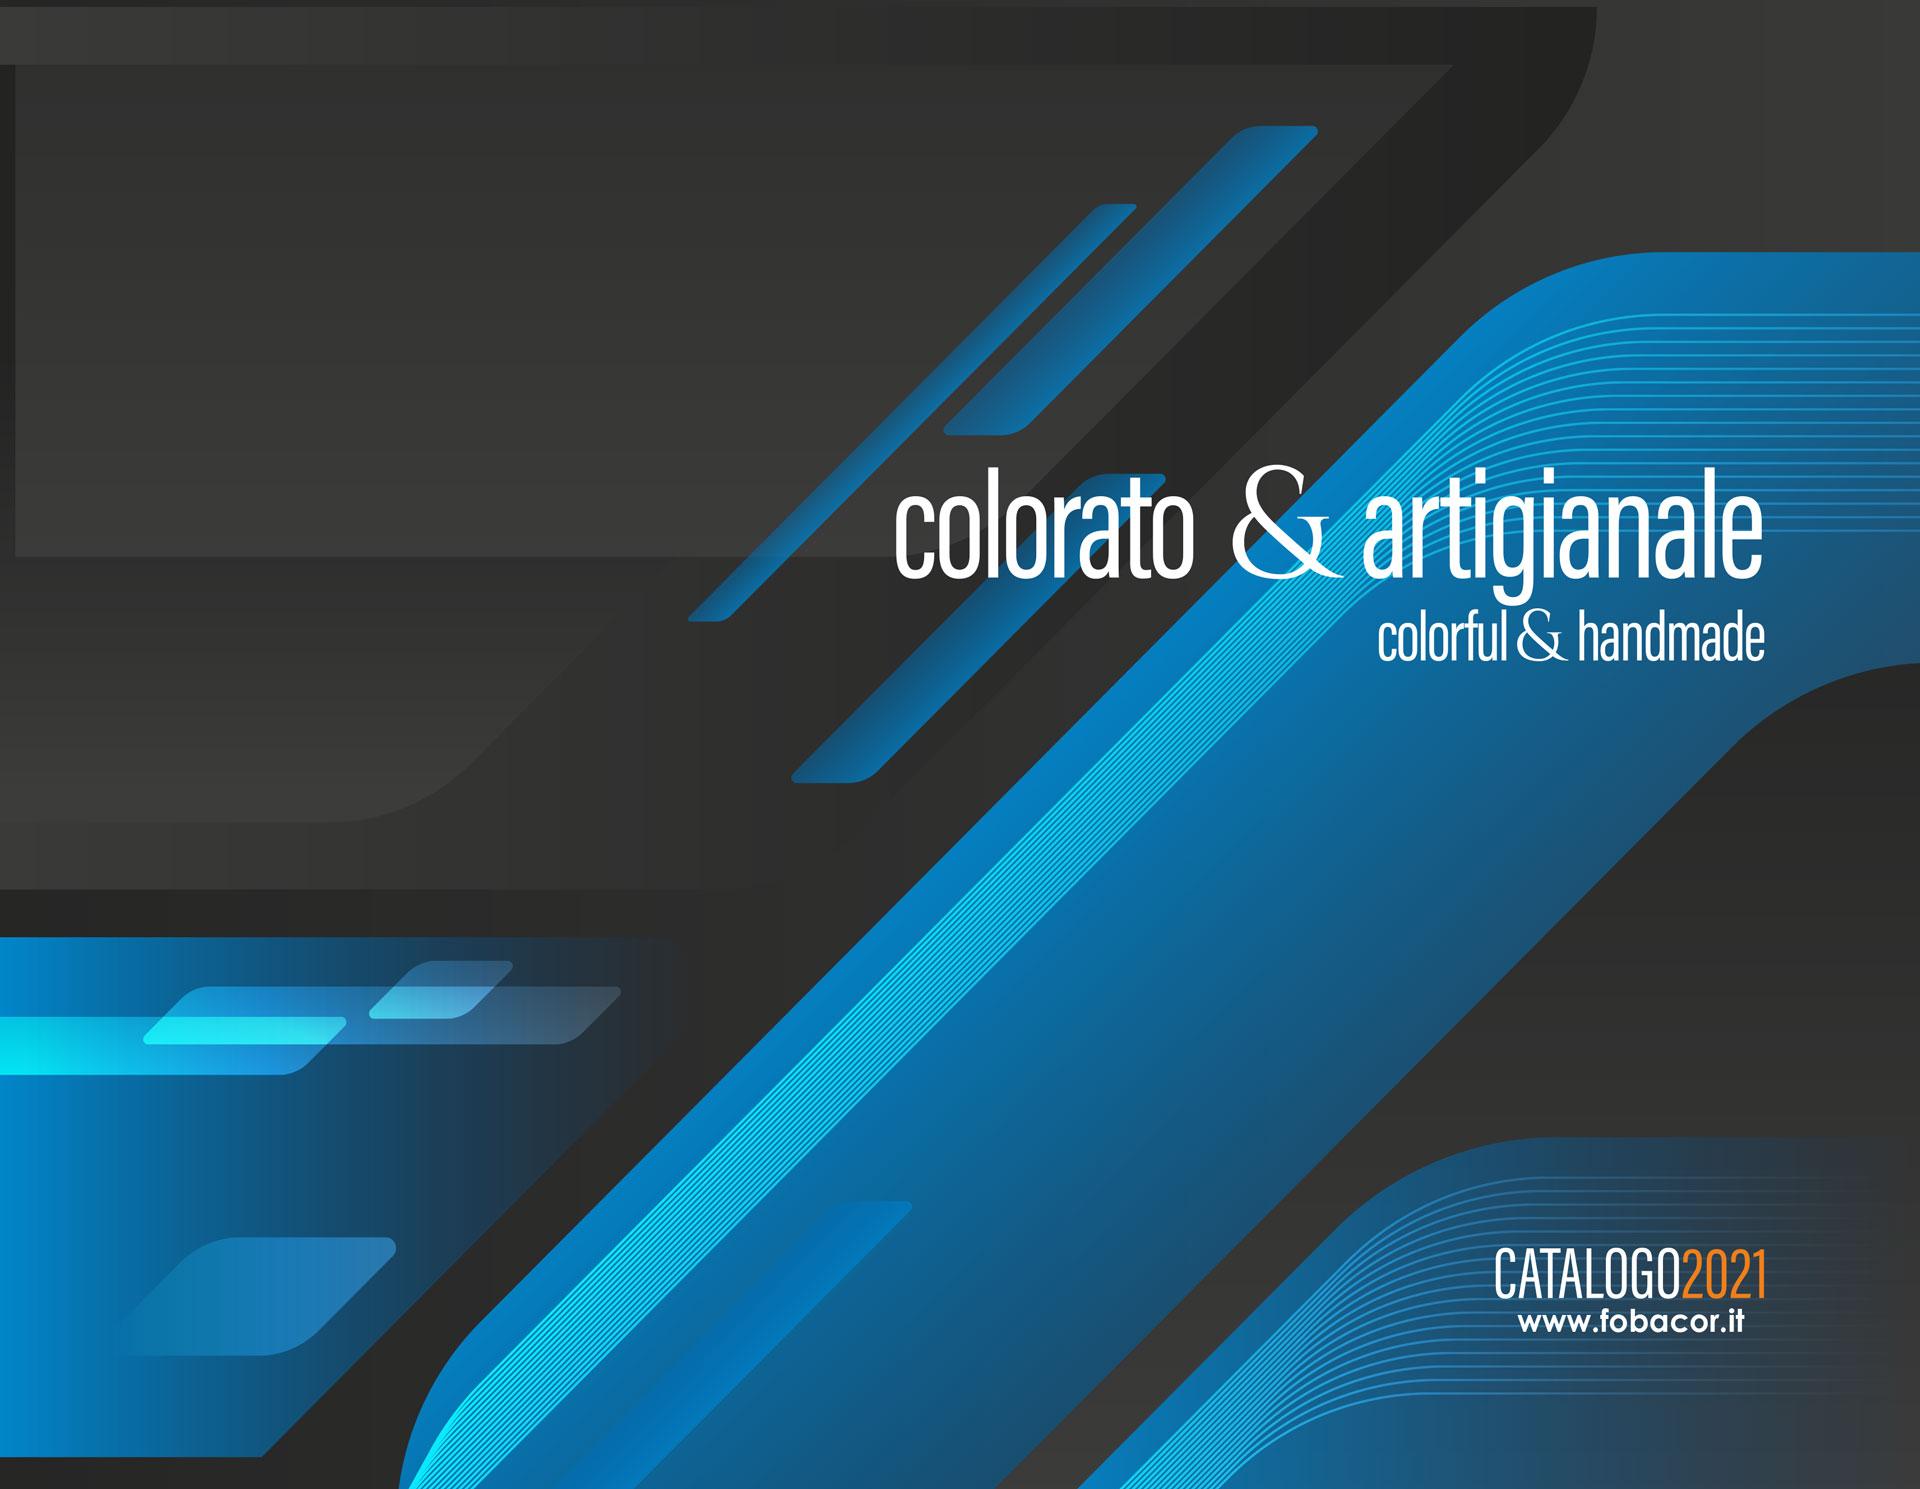 Colorato & Artigianale | Colorful & Handmade